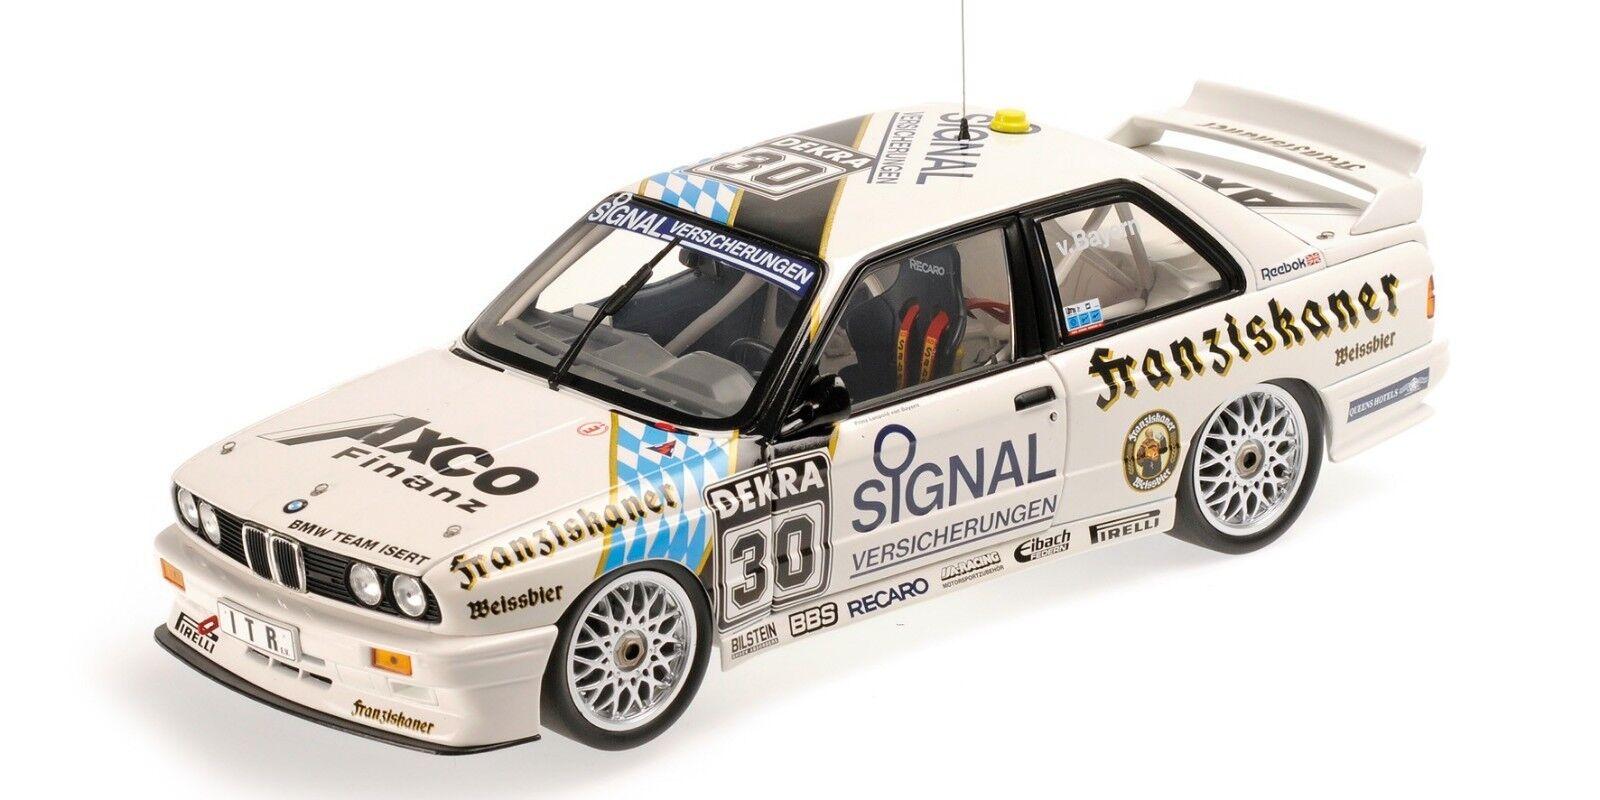 1 18 BMW M3 von Bayern Norisring DTM 1991 1 18 • Minichamps 180912030